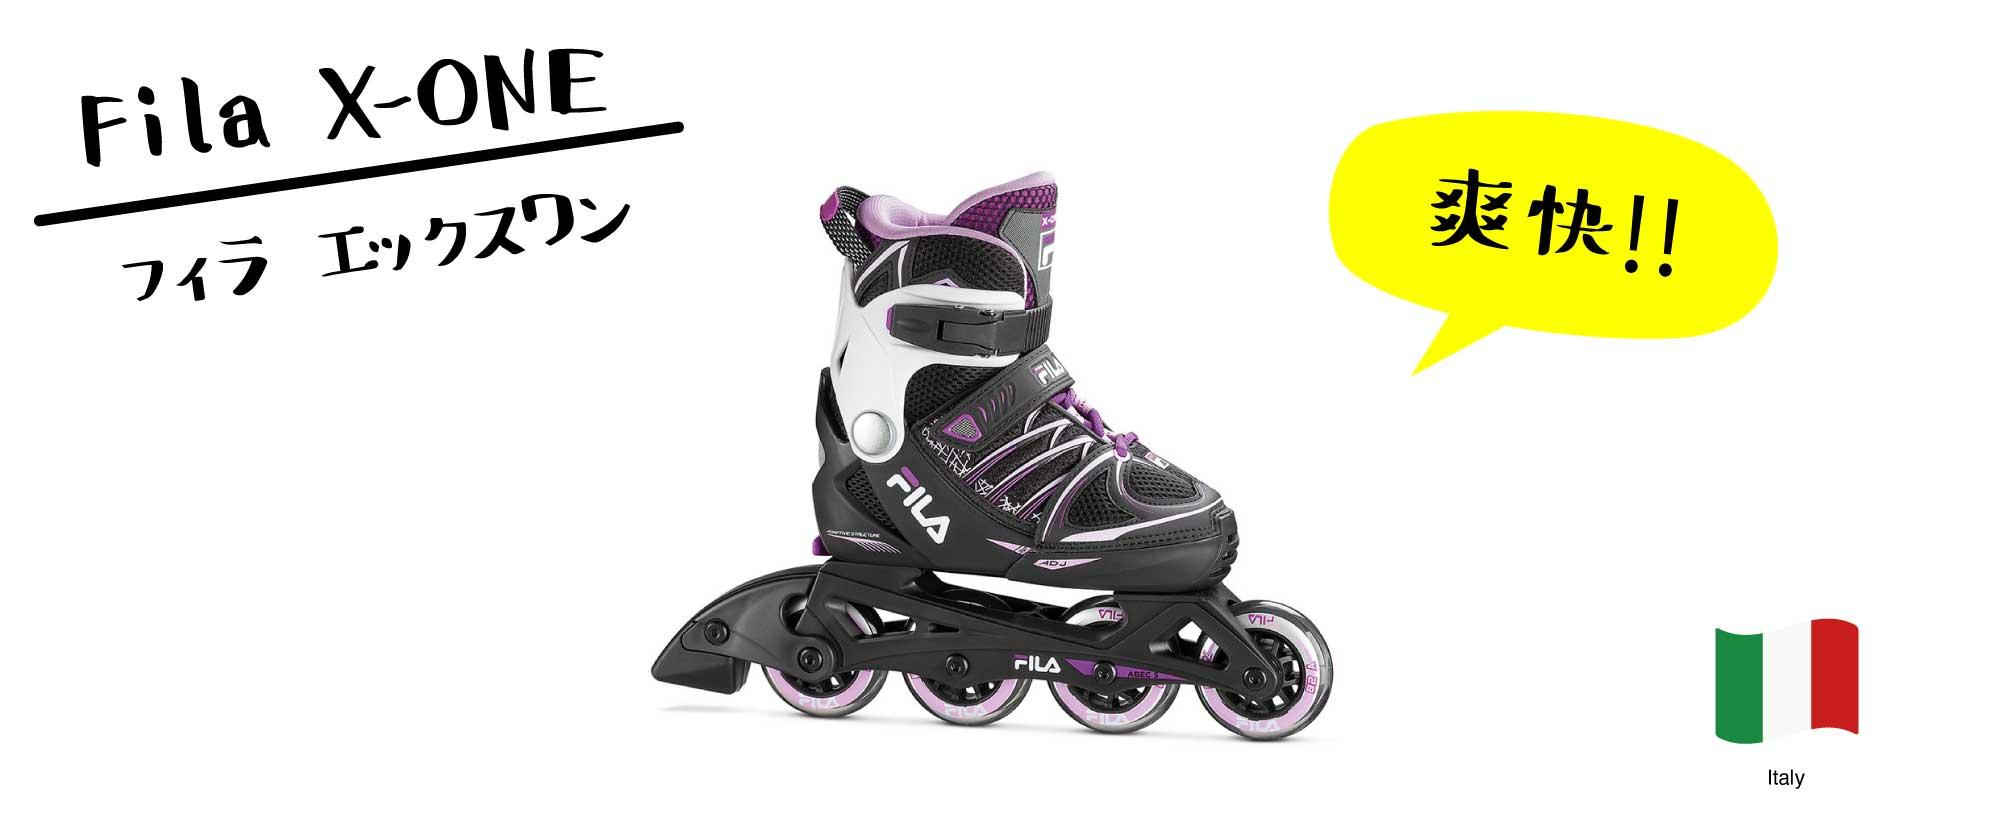 フィラインラインスケート